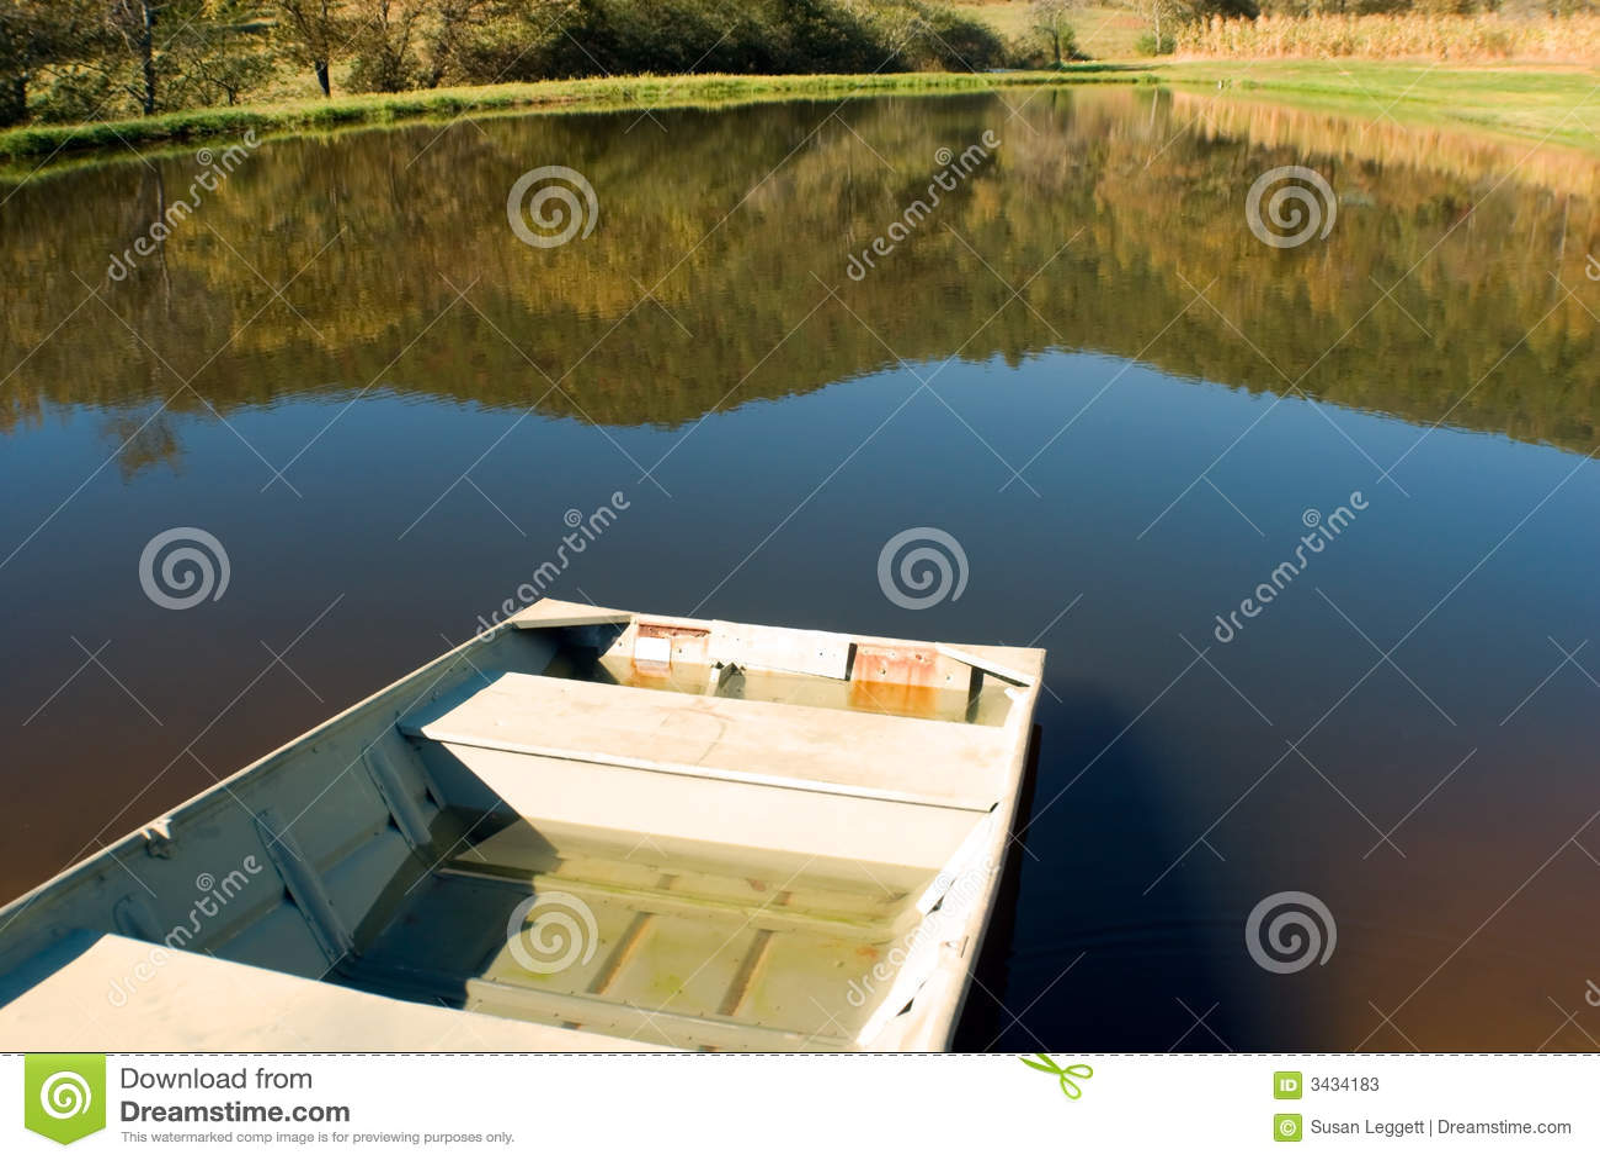 Boot bij kleine vijver